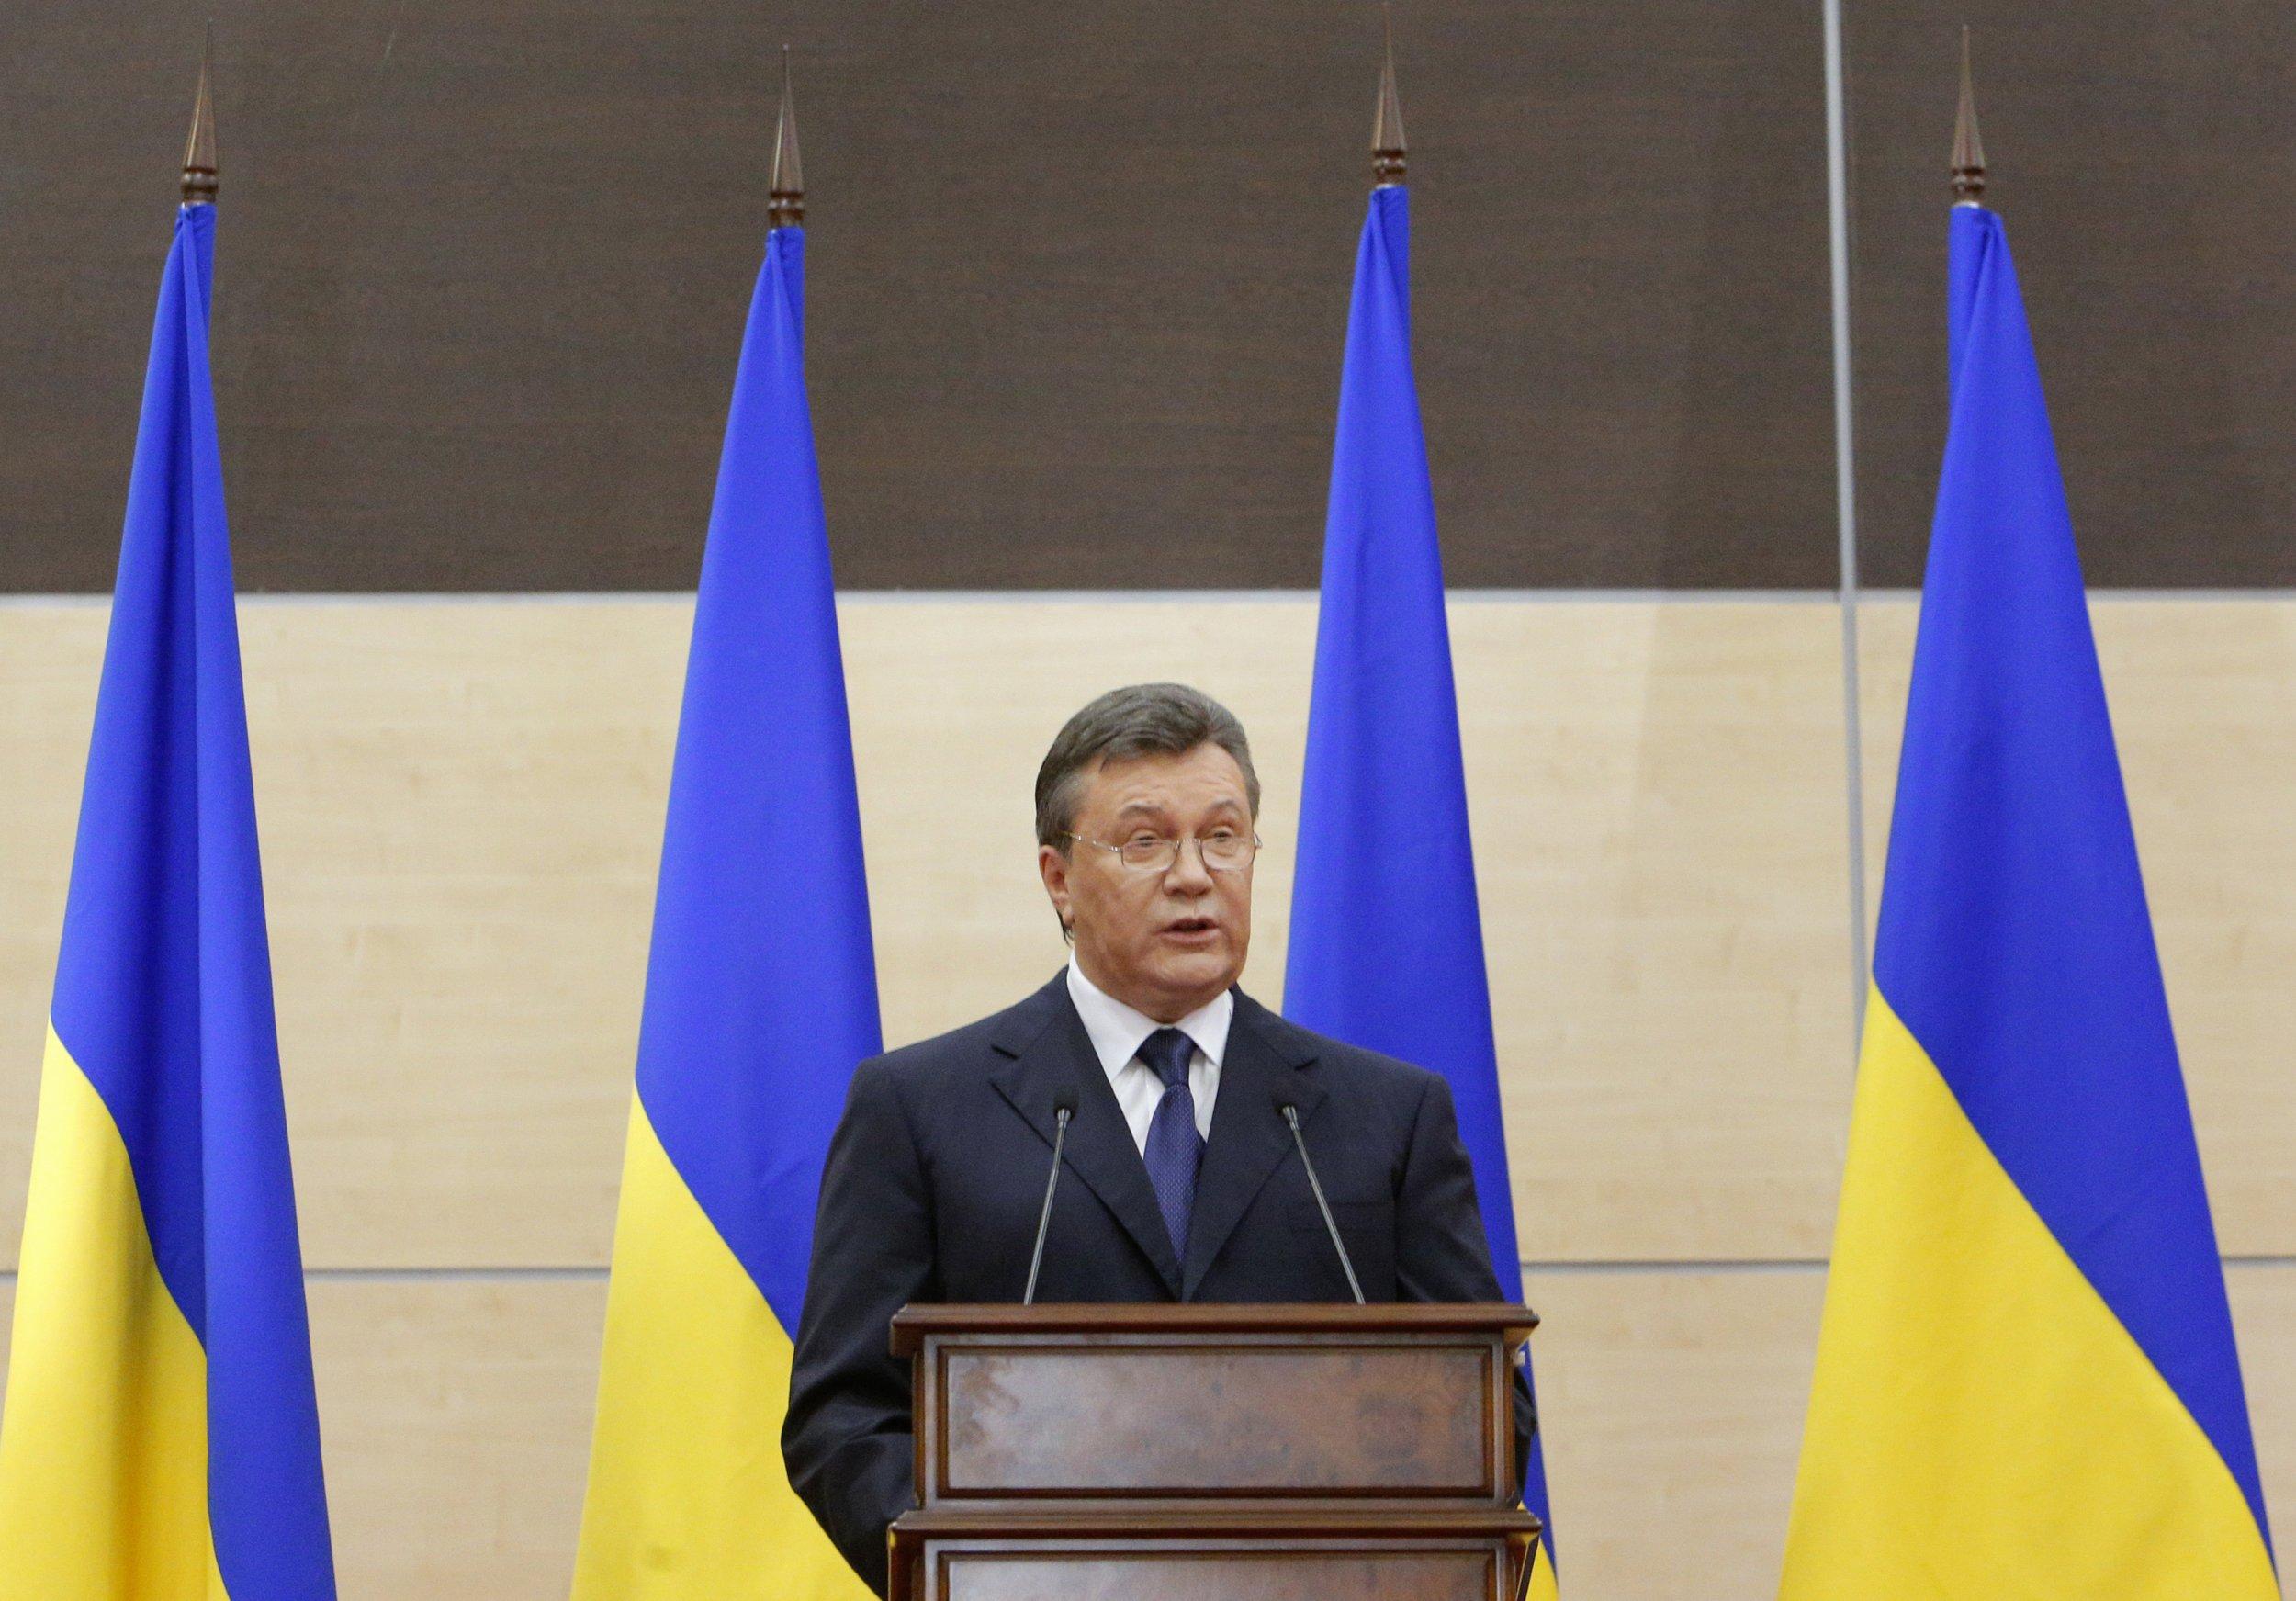 Yanukovych speaks in front of Ukrainian flags